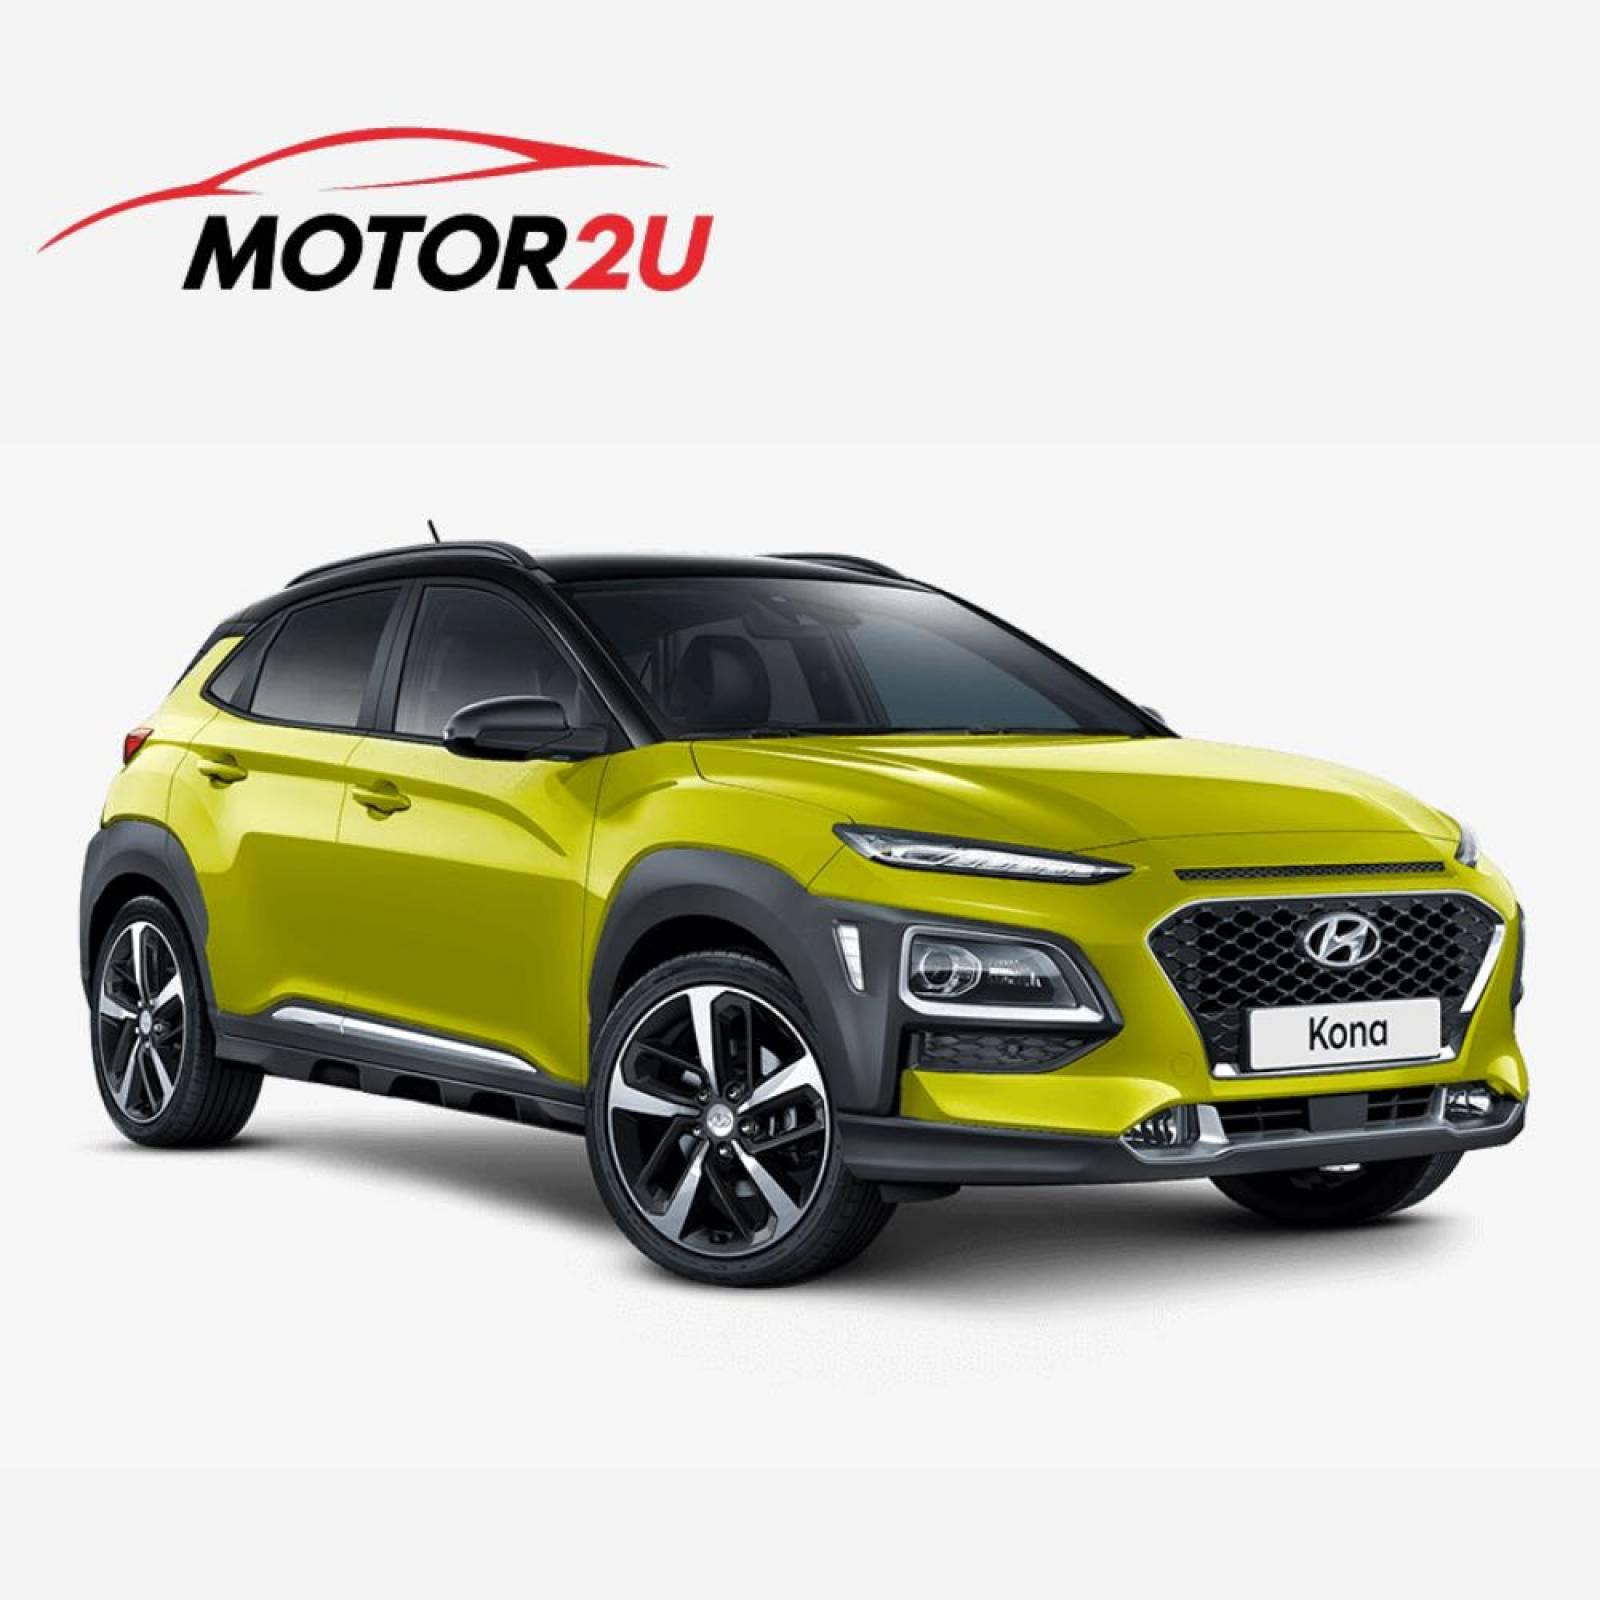 2020 Hyundai Kona 1.6 Turbo